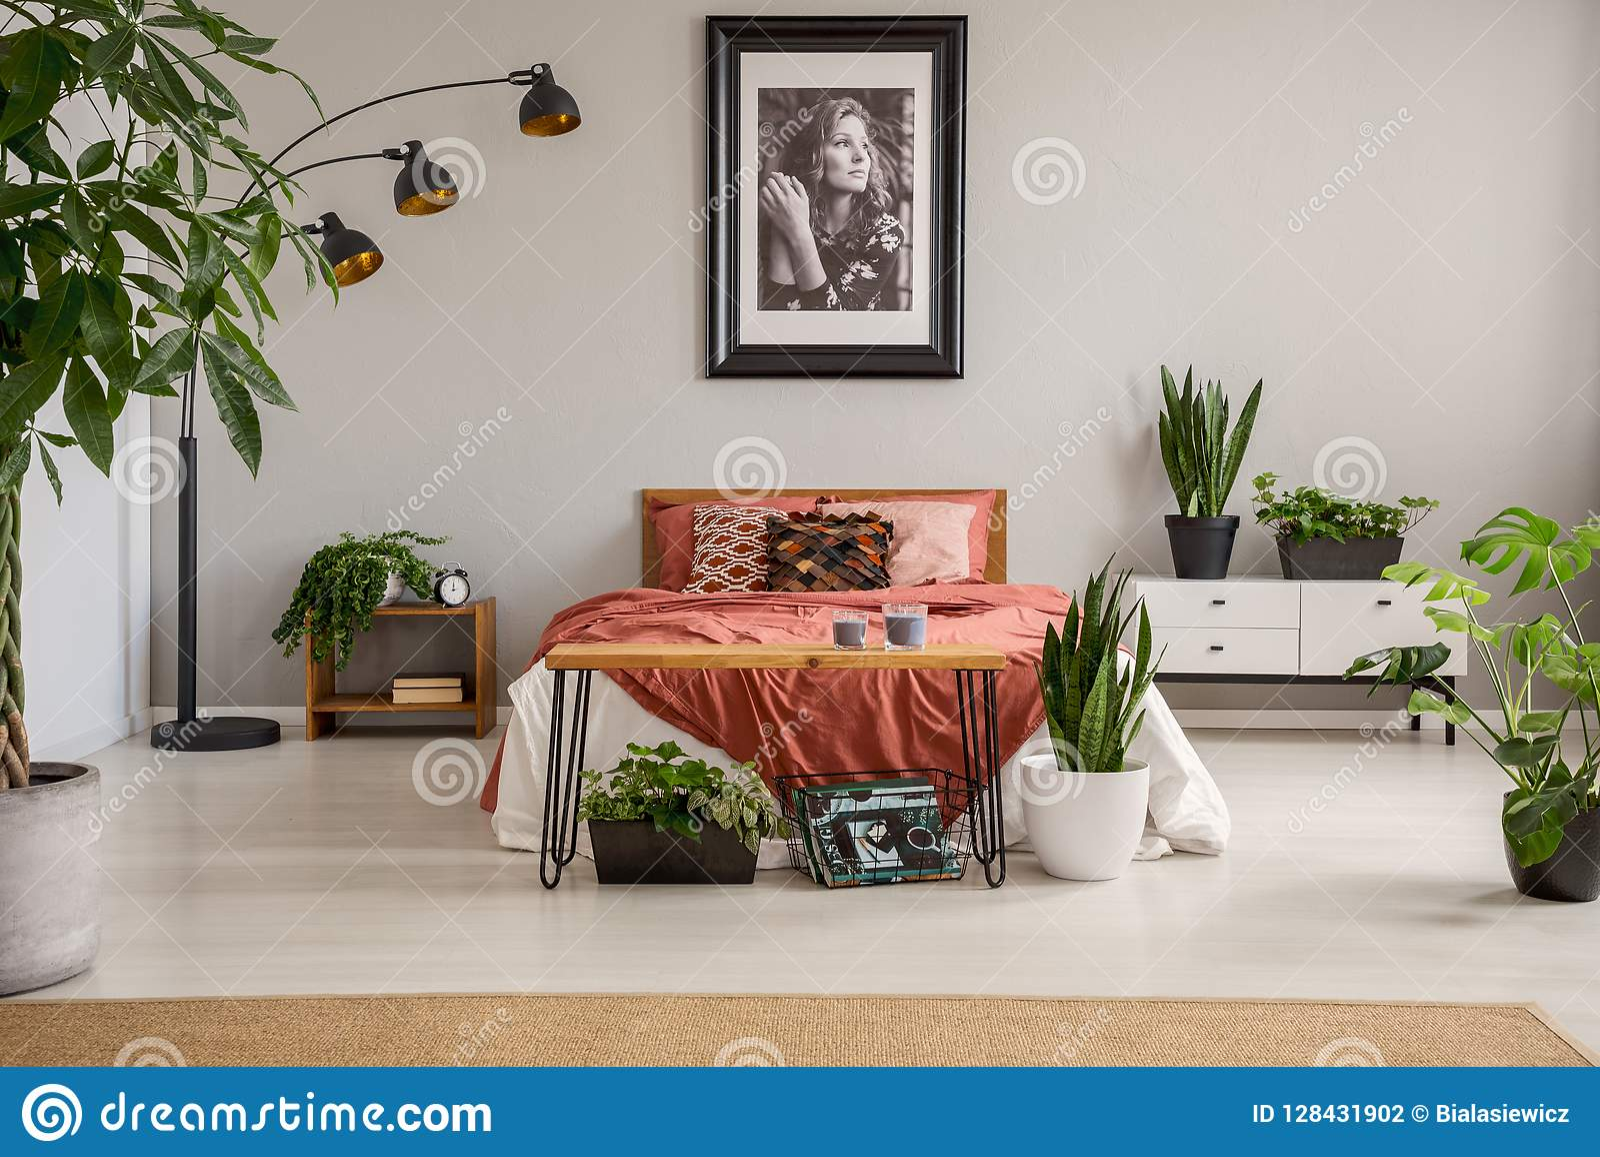 Plakat nad czerwieni łóżko z koc w popielatym sypialni wnętrzu z roślinami i dywanem